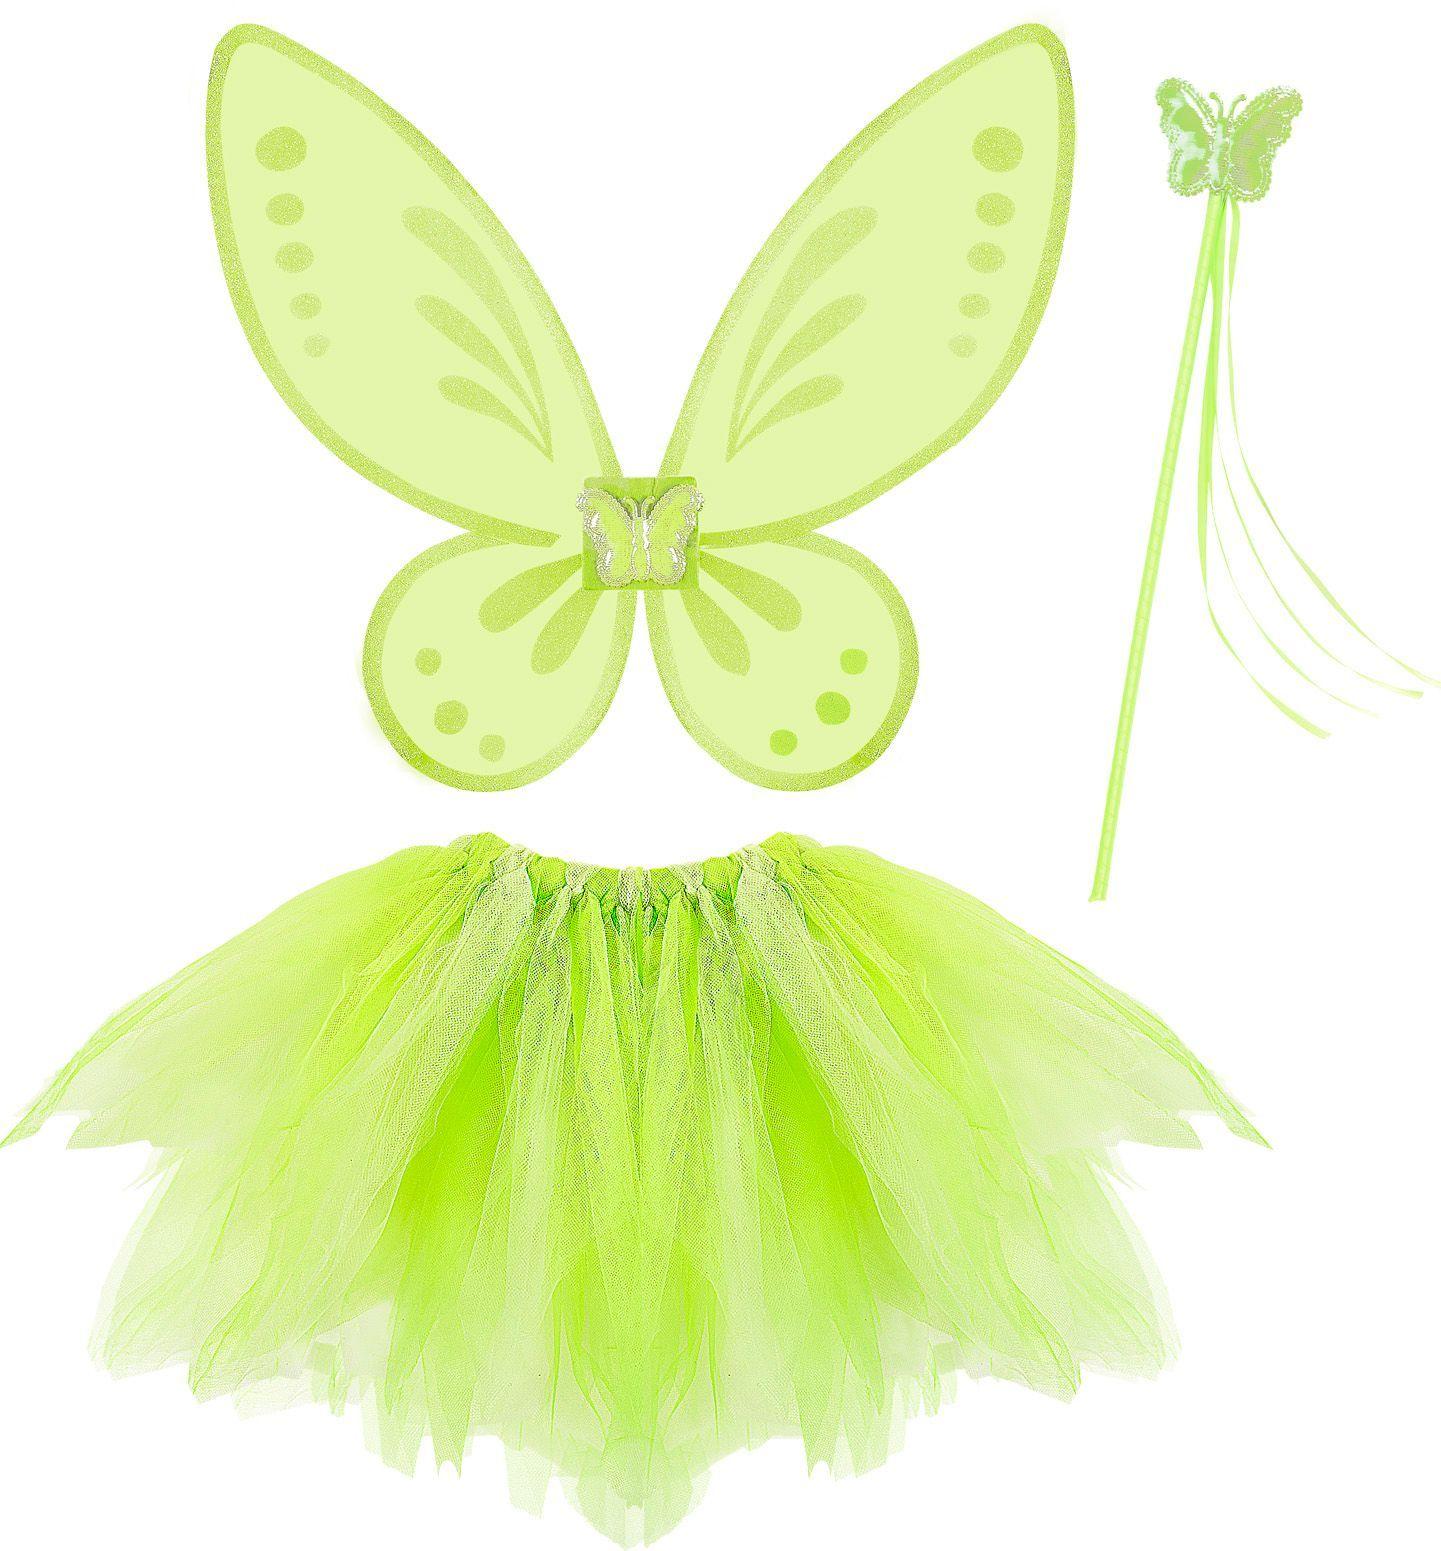 Groene feeën vleugels met tutu en toverstaf